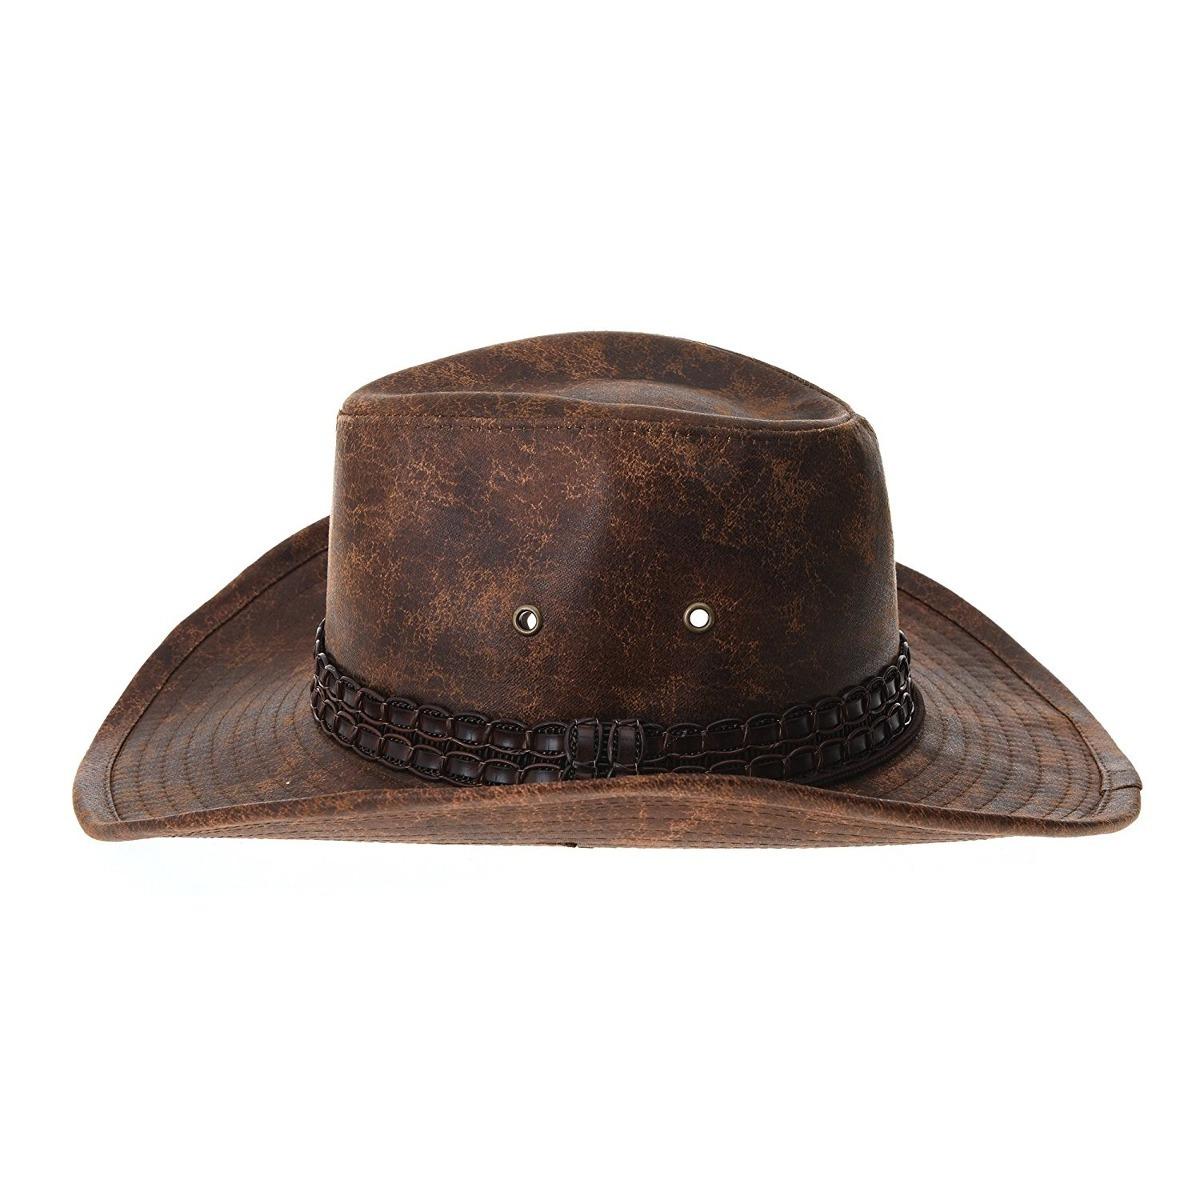 5e930dc9c7670 outback withmoons indiana jones sombrero resistido sombrero. Cargando zoom.